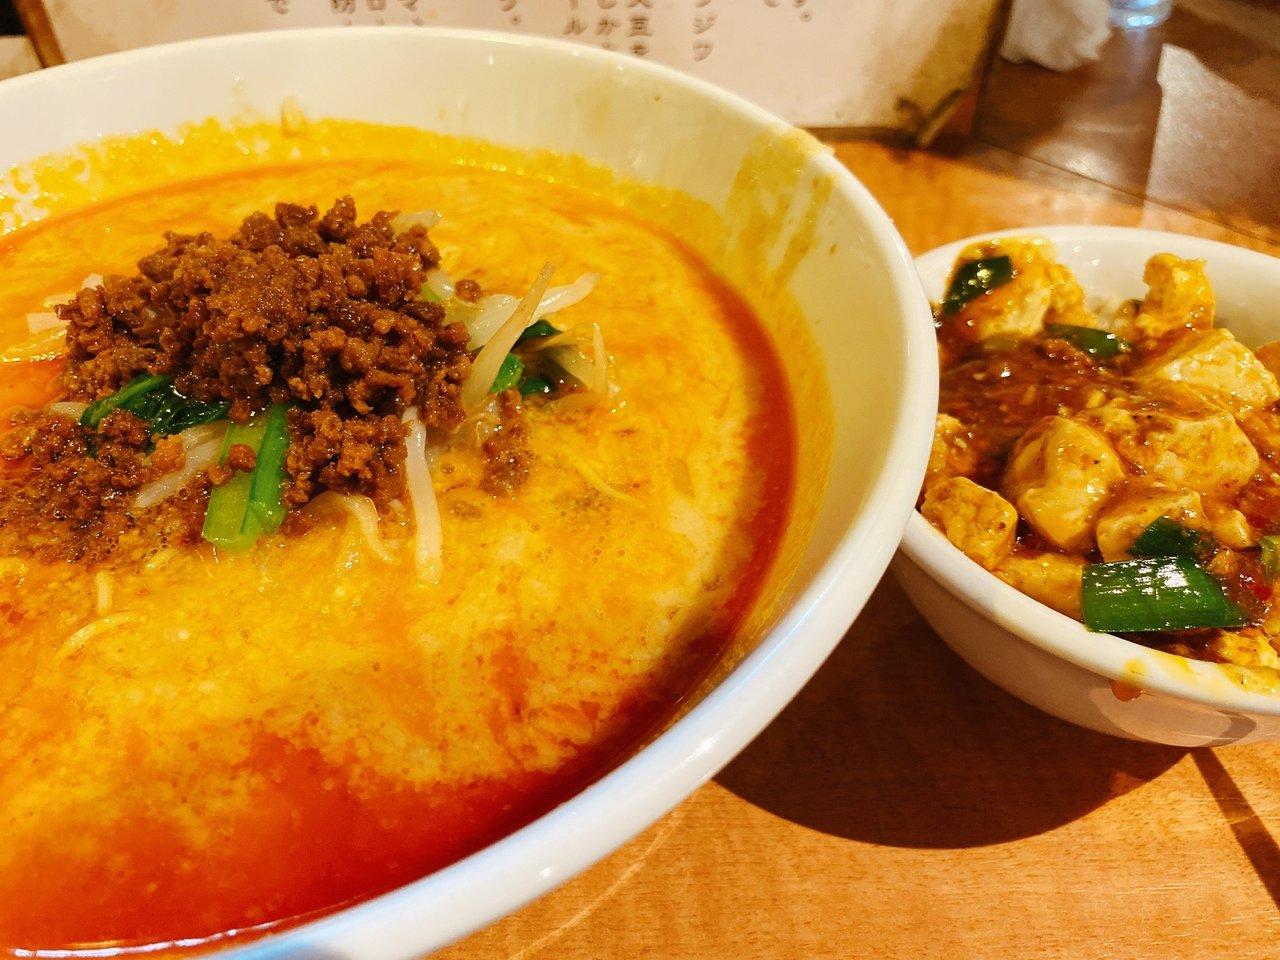 東京ローカルのおいしいラーメンがたべたい|担々麺とミニ陳麻飯